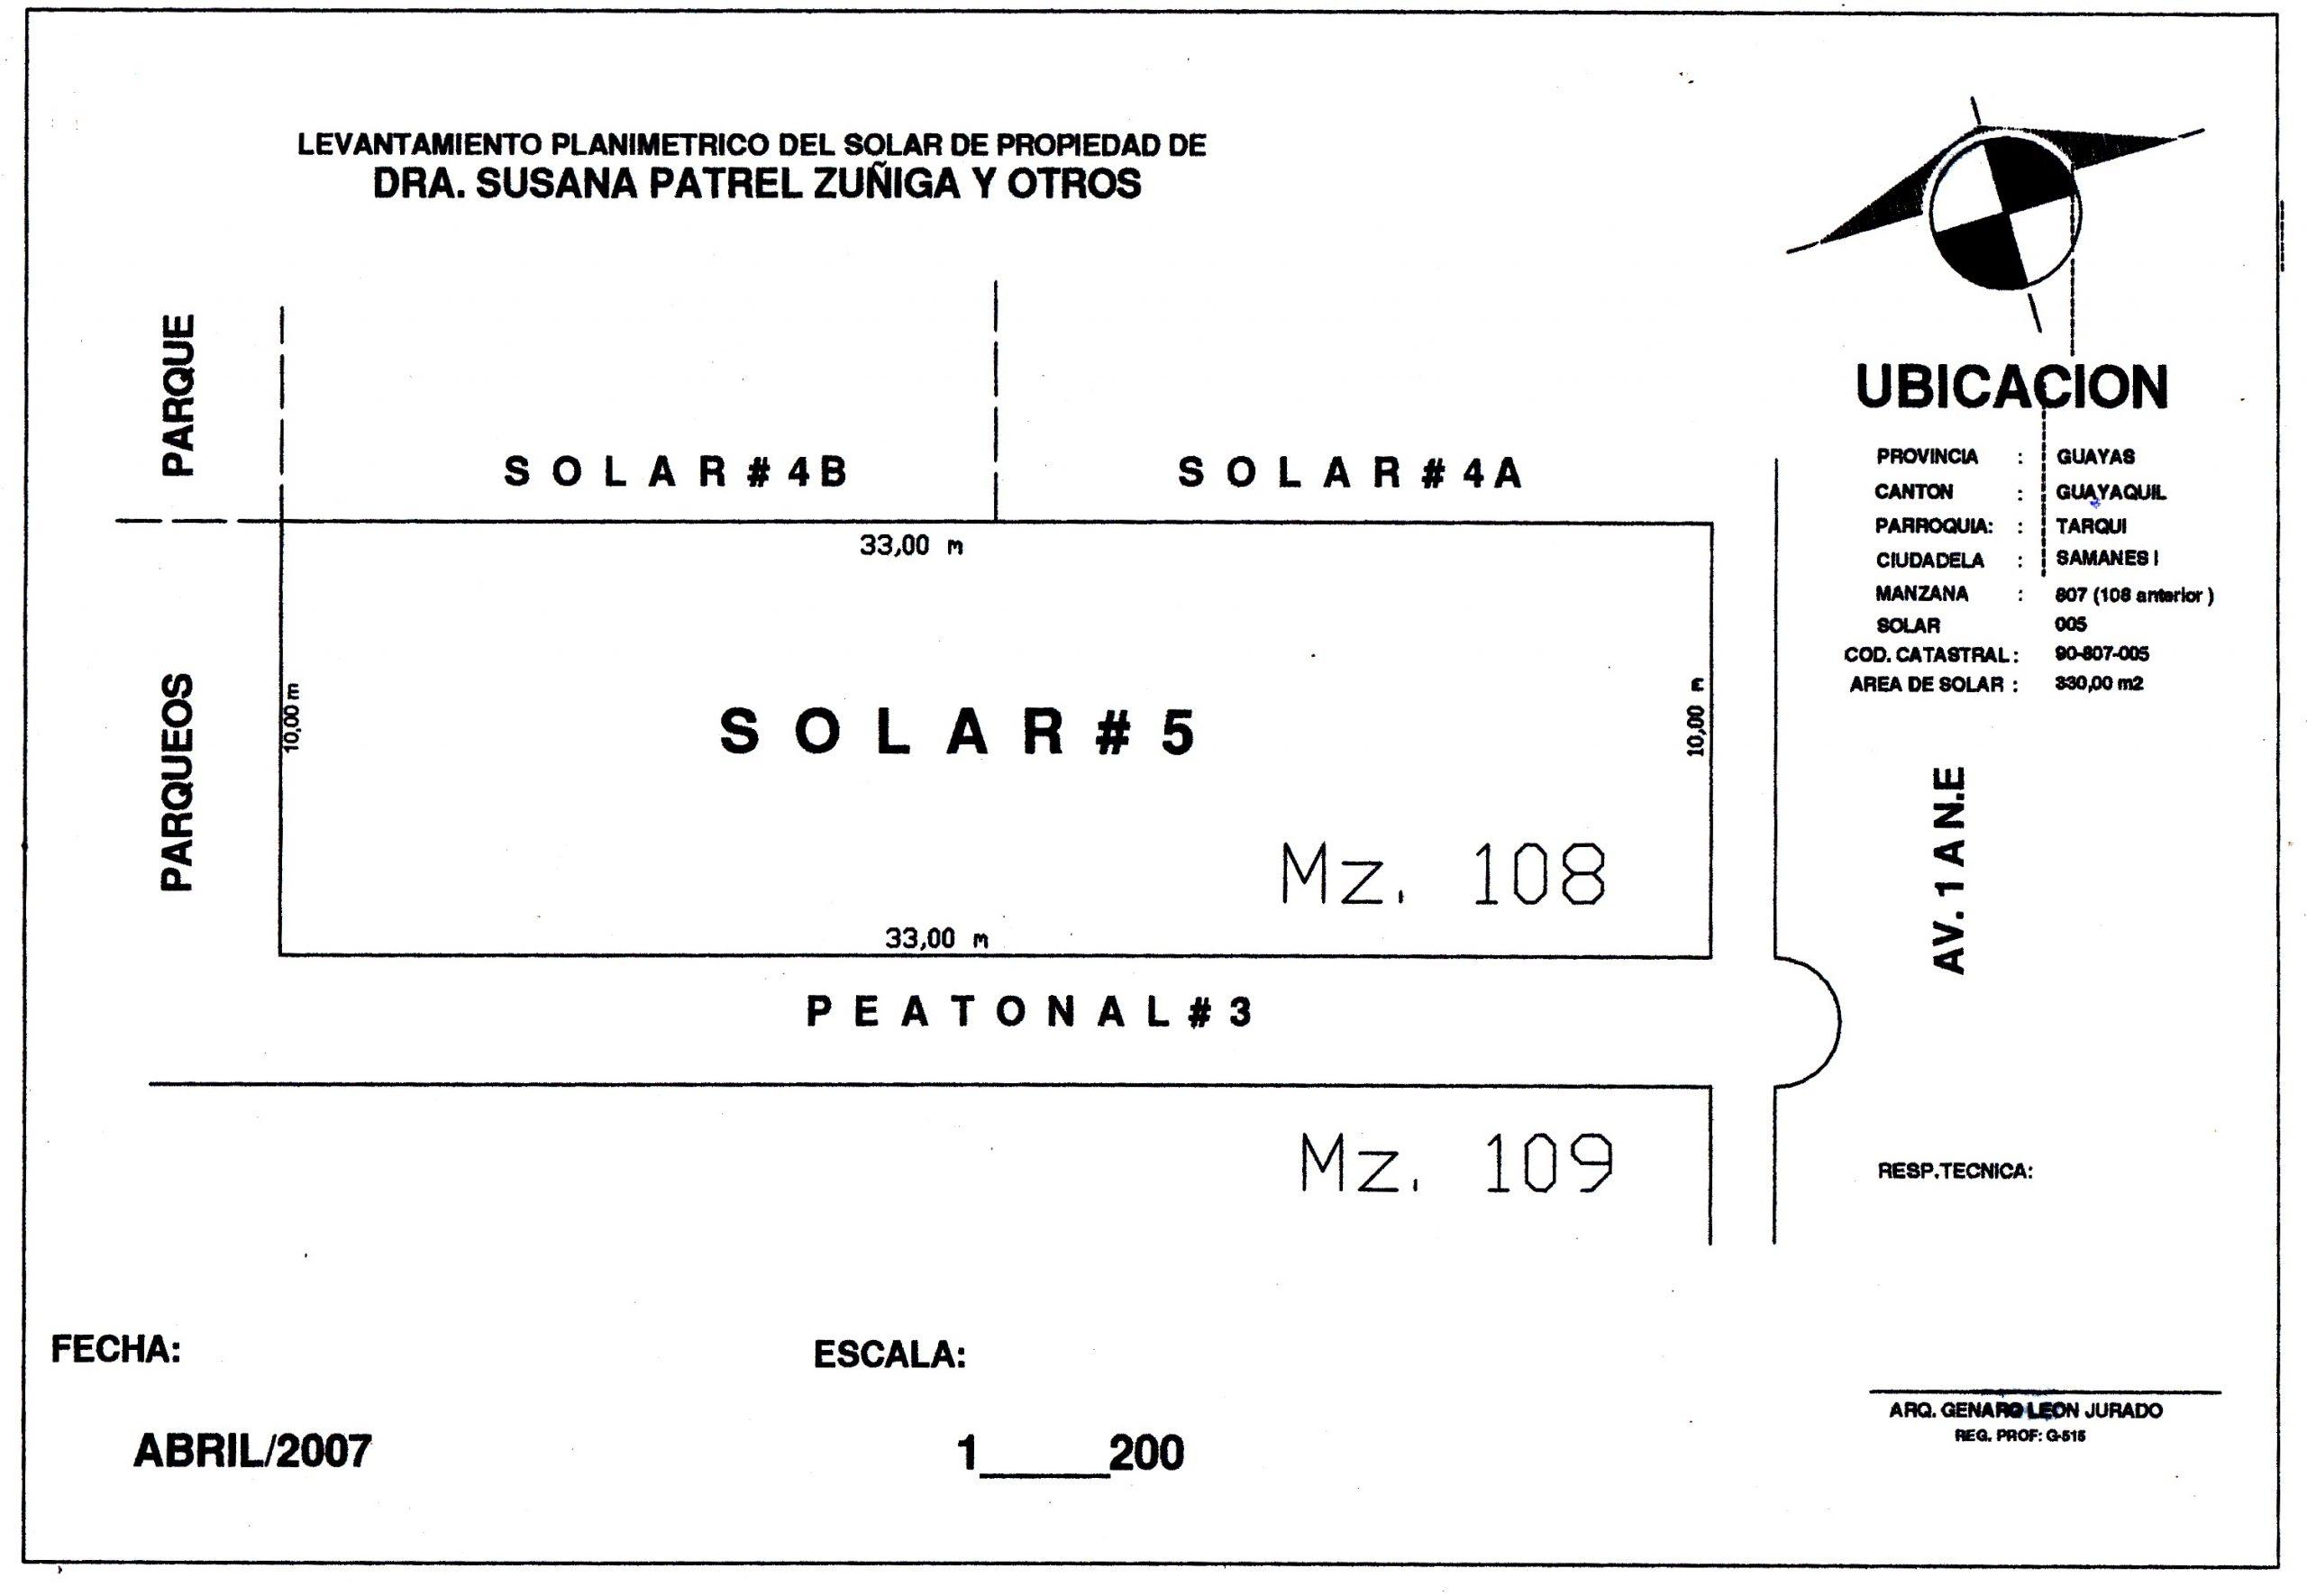 Lavantamiento Topografico Terreno de Samanes